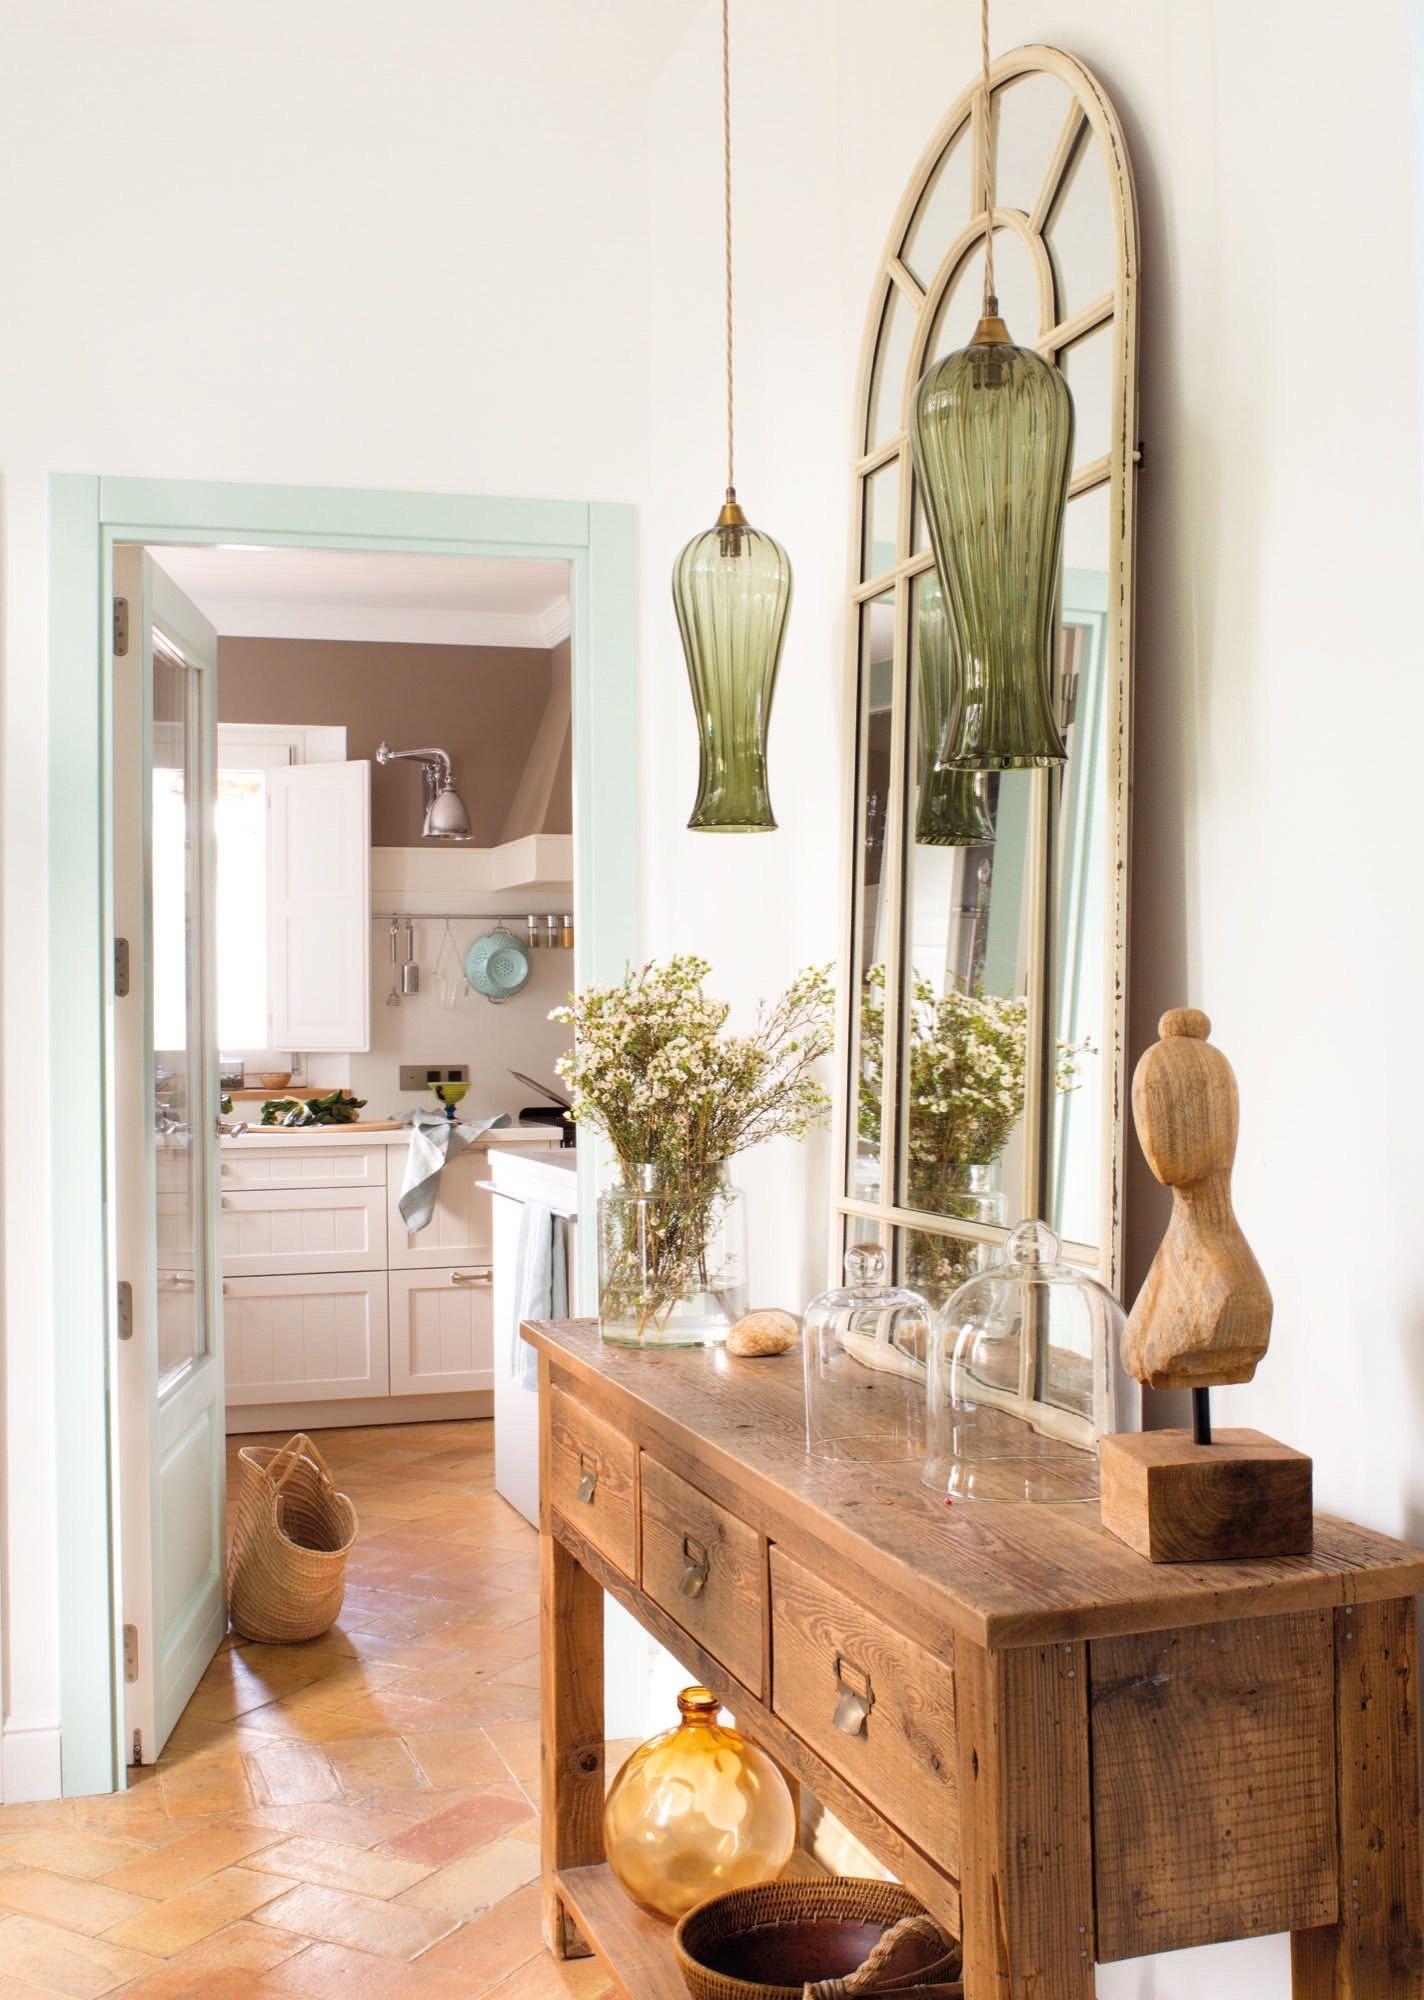 Recibidor de estilo rustico con un gran espejo y lamparas de estilo modernista elmueble 3 - Lamparas estilo rustico ...